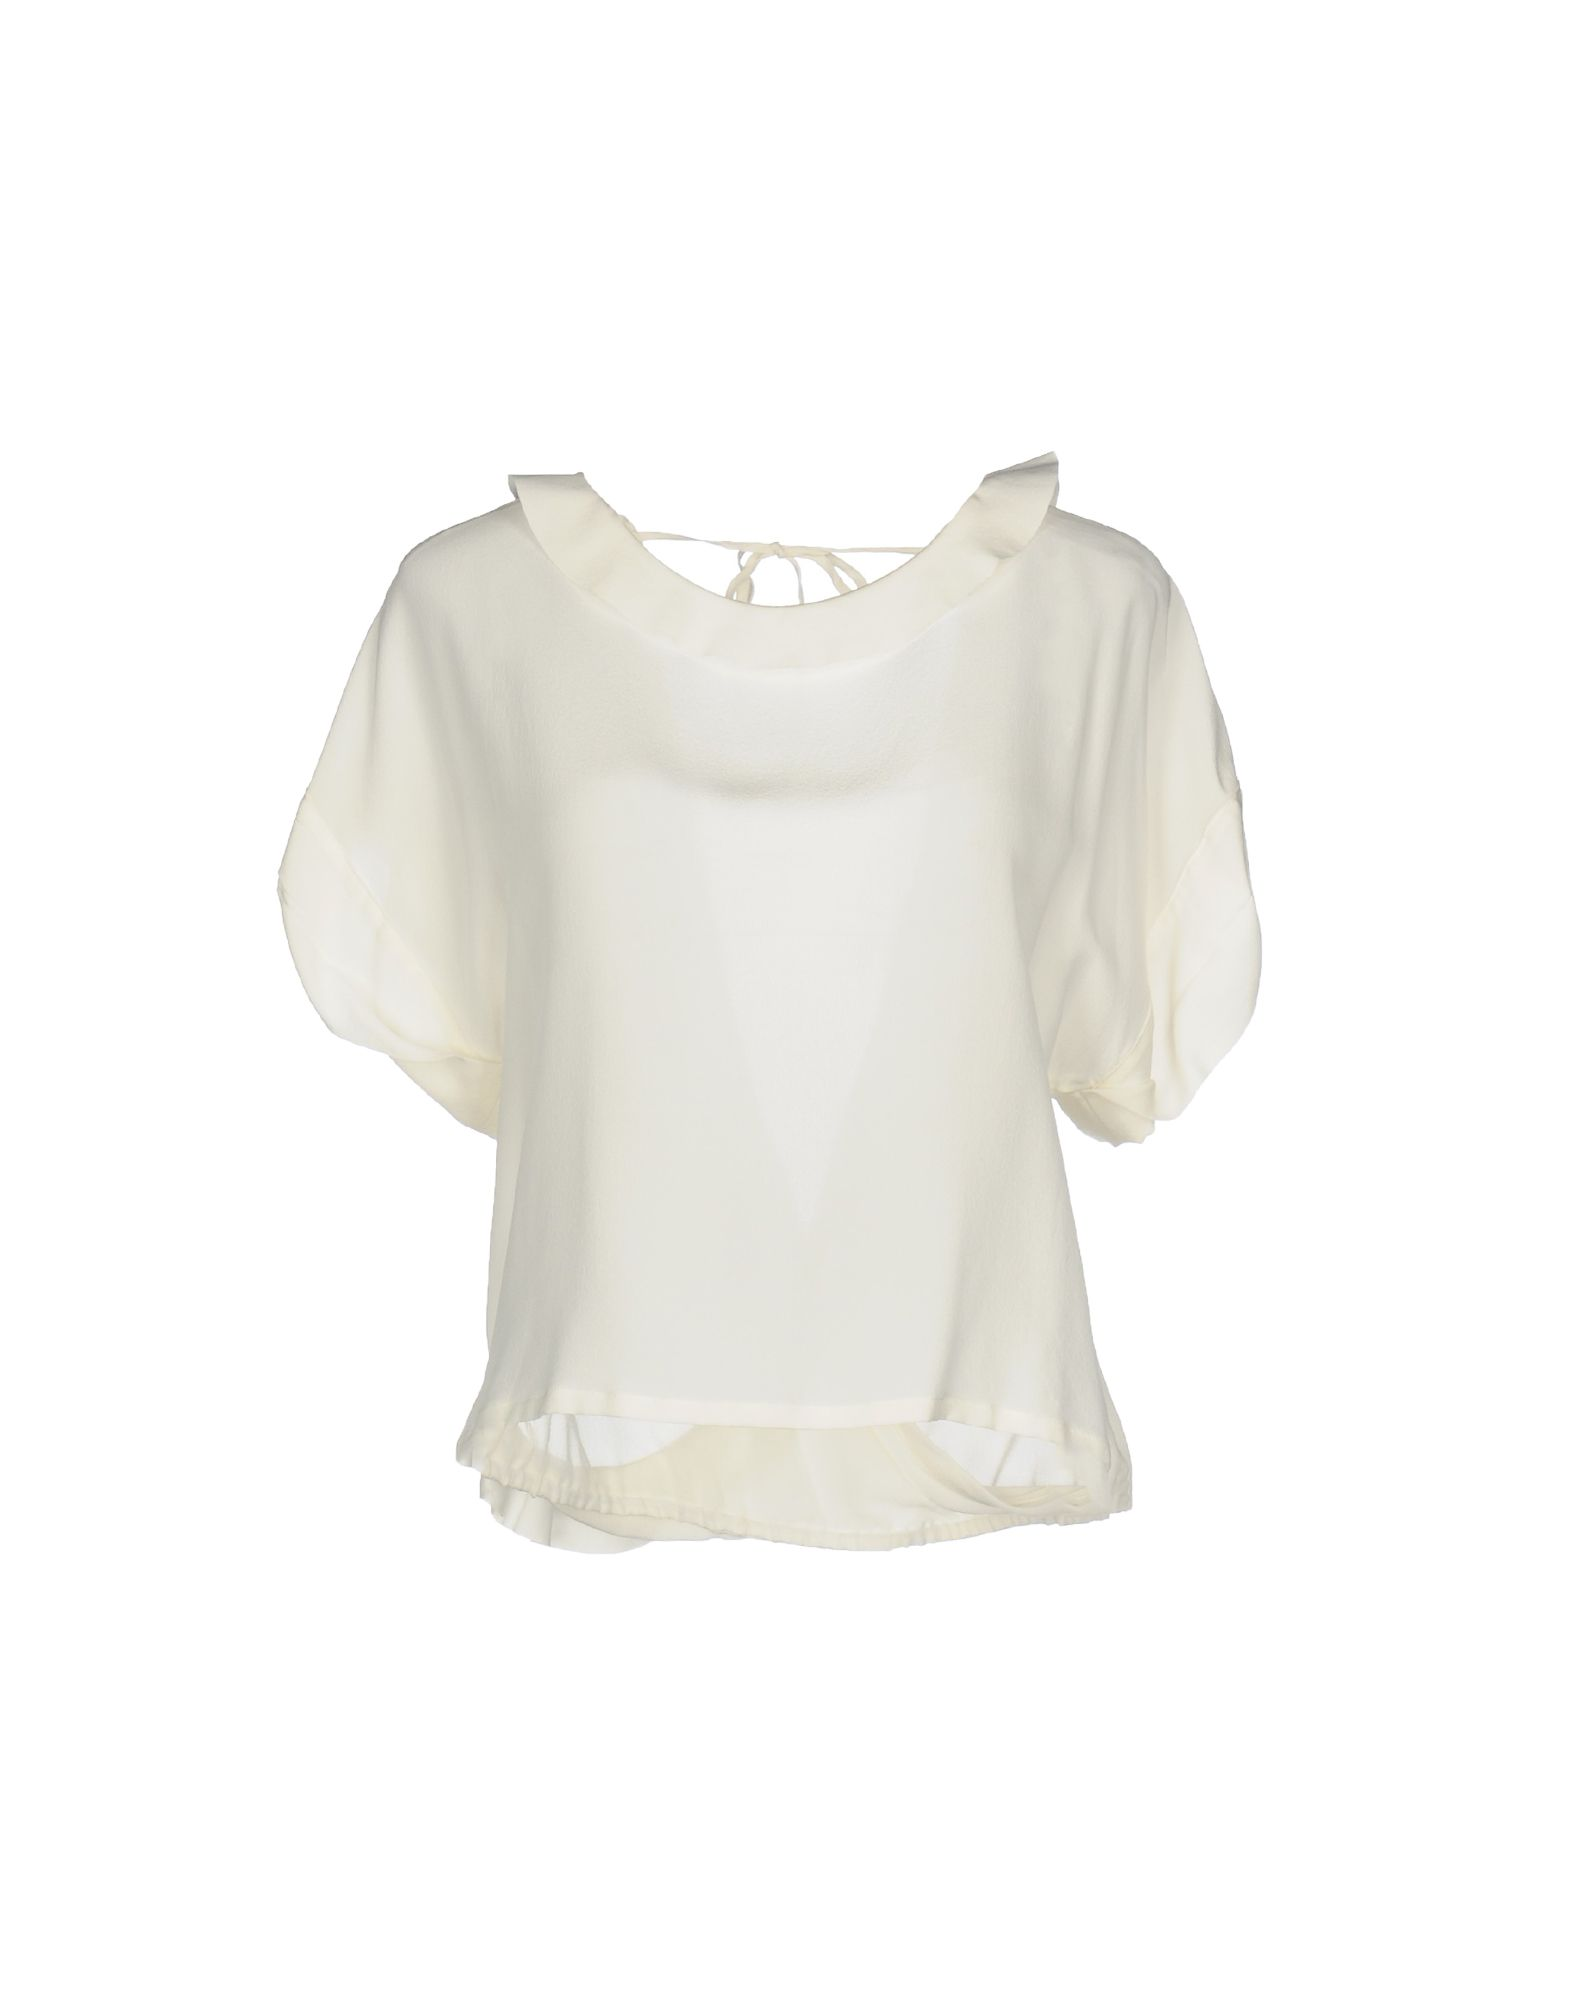 PINKO Damen Bluse Farbe Elfenbein Größe 2 - broschei